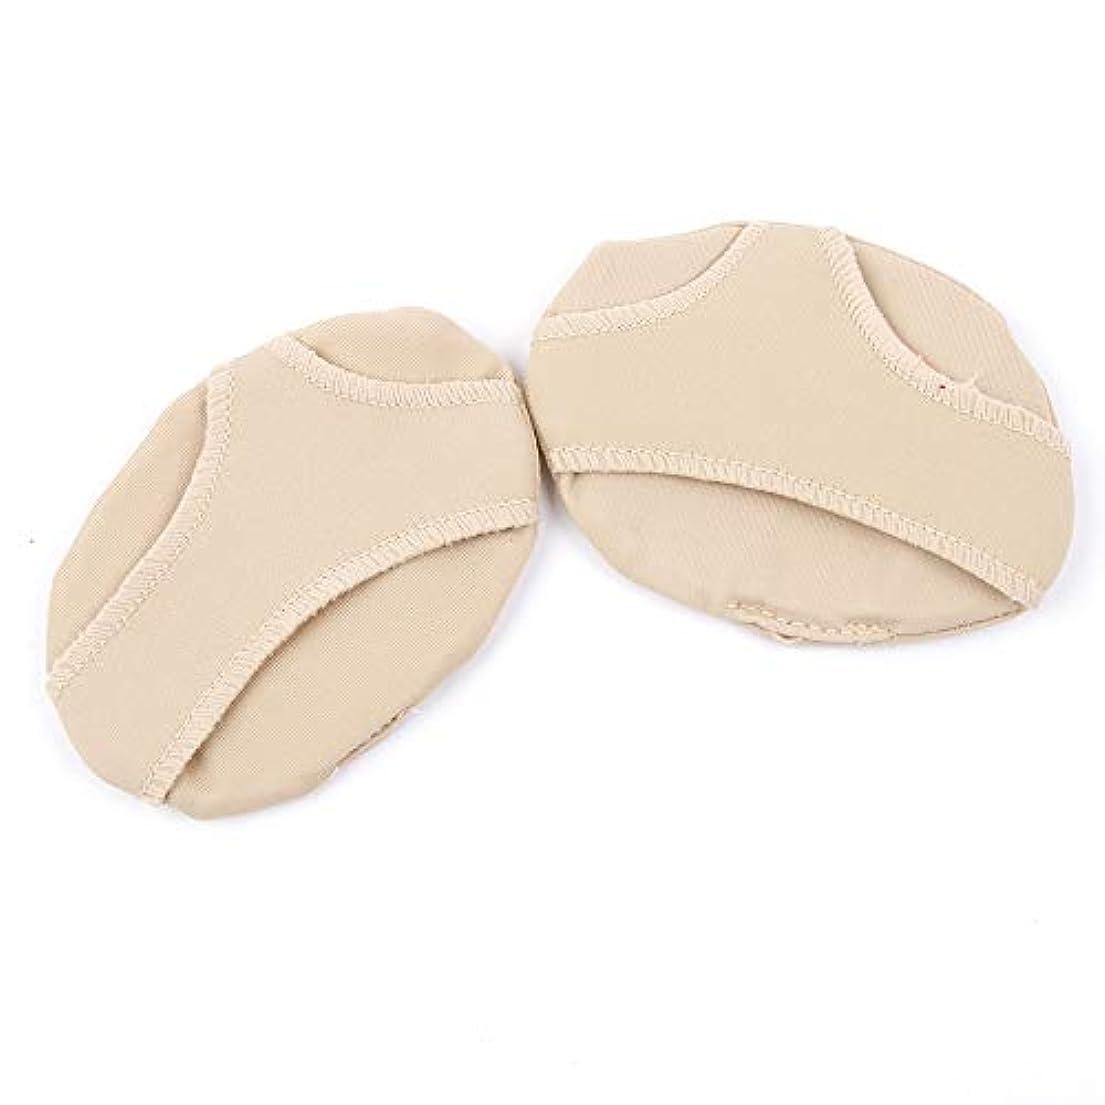 落ち着く送るリスRAYNAG 足裏サポート 前足パッド ふんわりパッド 足裏保護 フットケア 足の疲れ 痛み緩和 滑り止め 柔軟性 健康グッズ Mサイズ 肌色 足底用(4個入り)